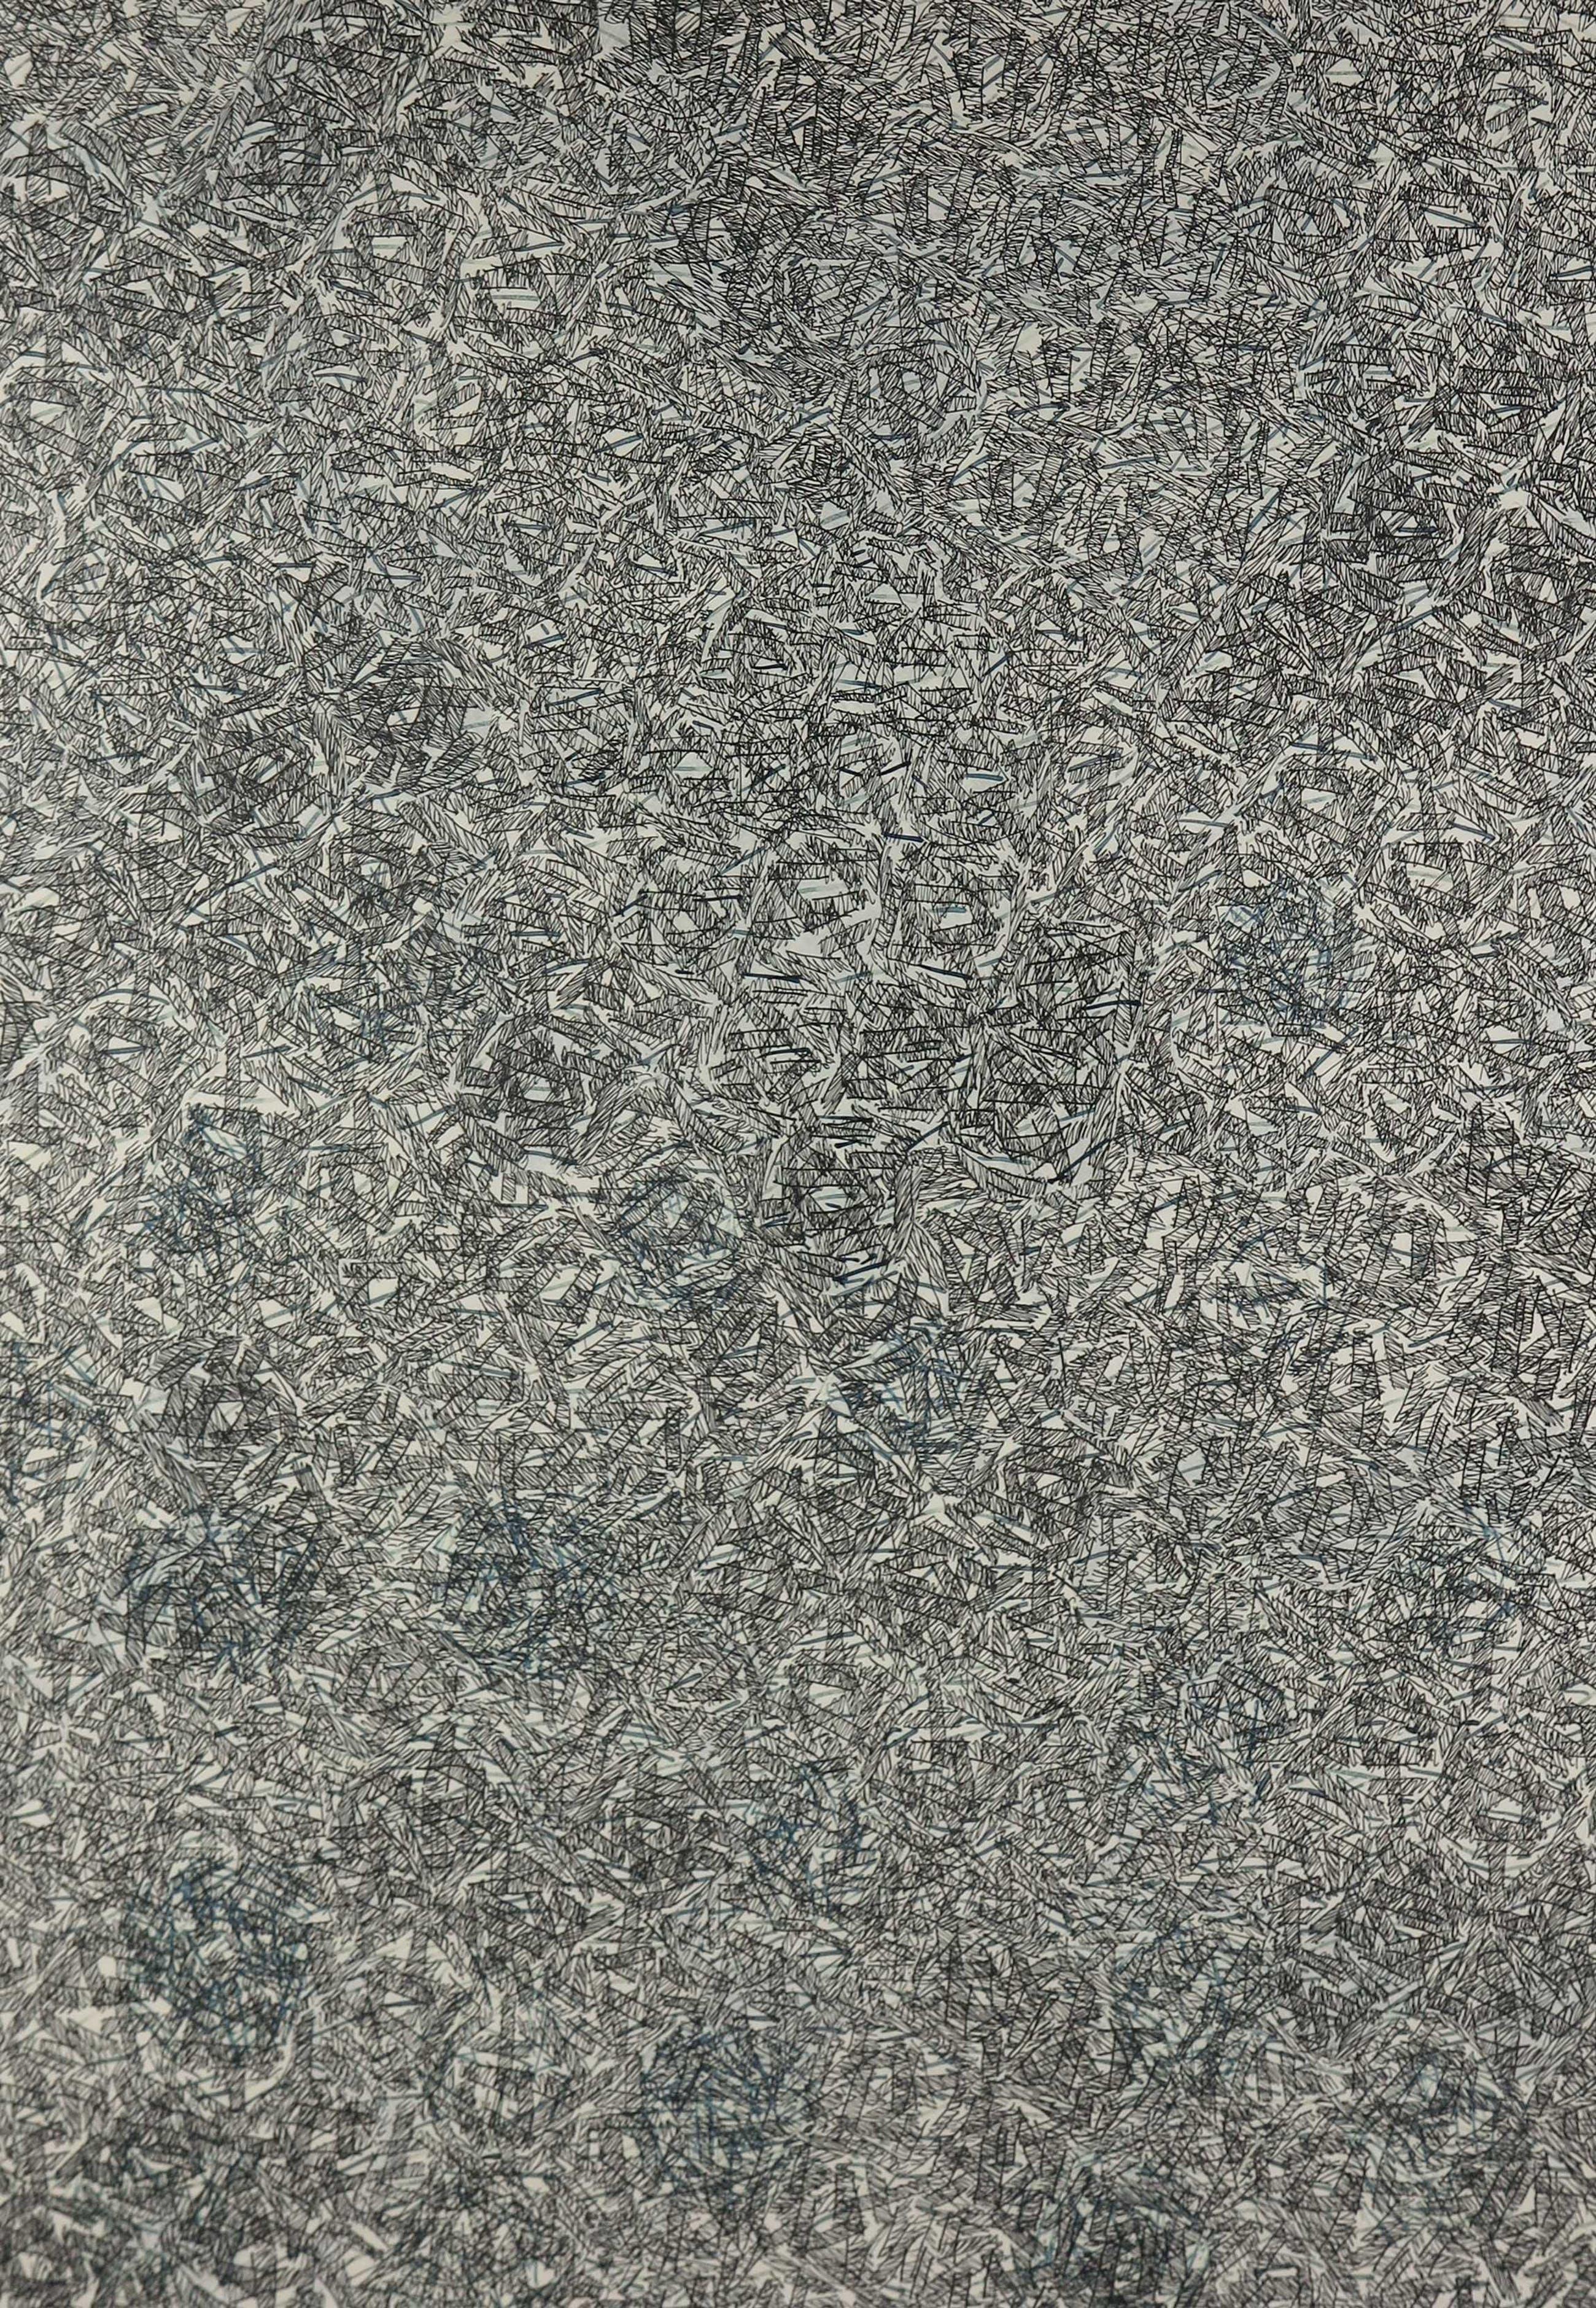 Arnold Pander - Pentekening en collage, Ritme, ruimte vorm 5 - Ingelijst kopen? Bied vanaf 80!